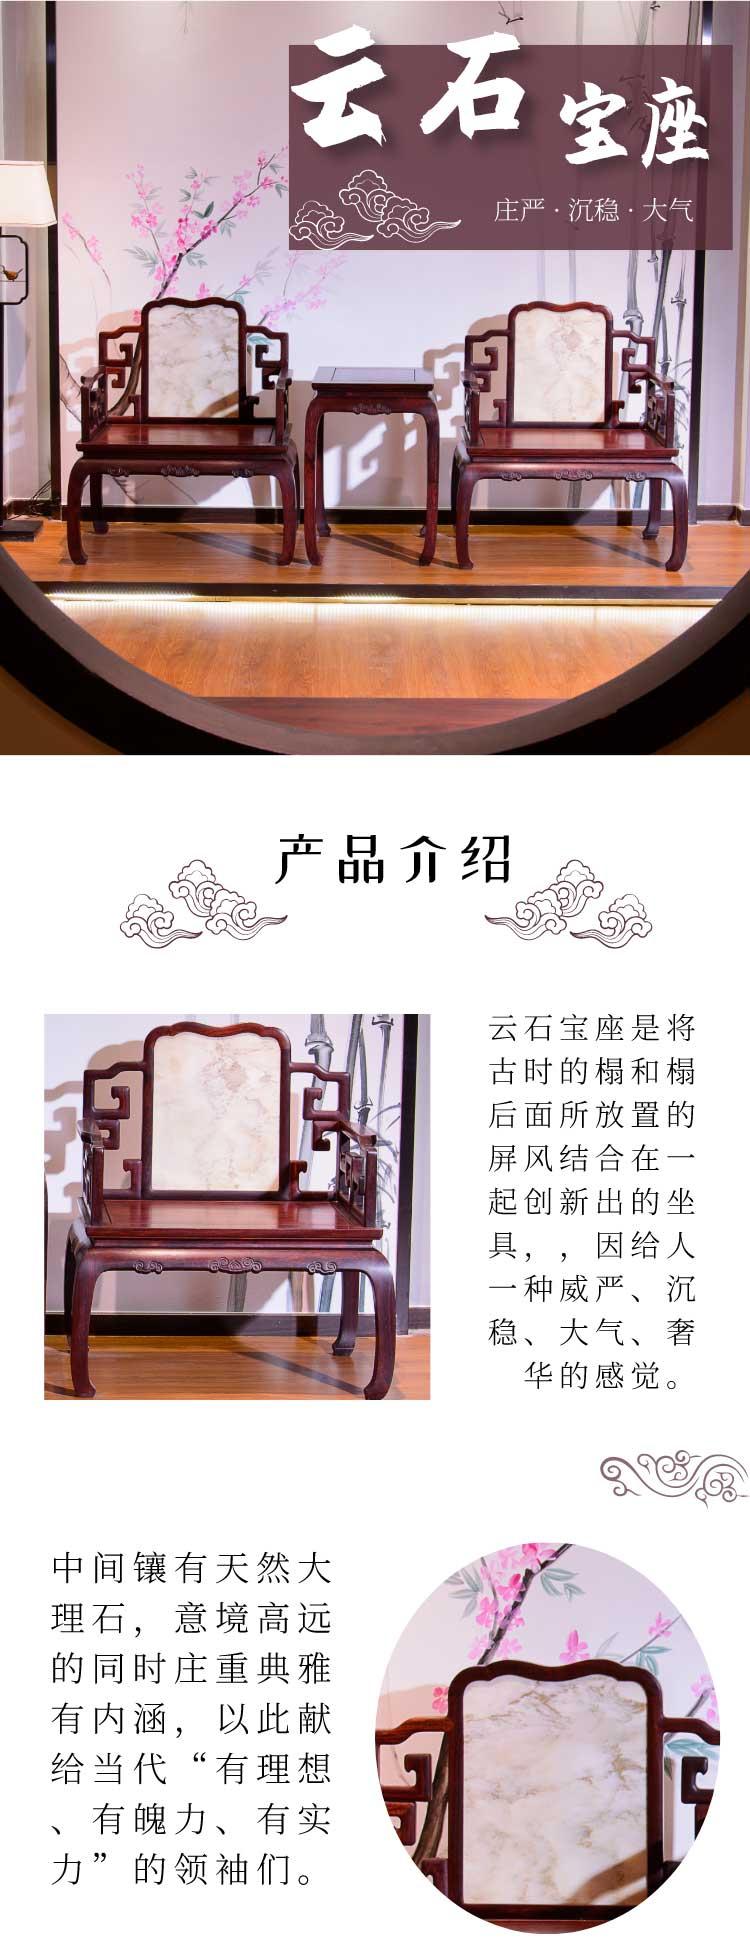 广作红木研究院《云石宝座》.jpg